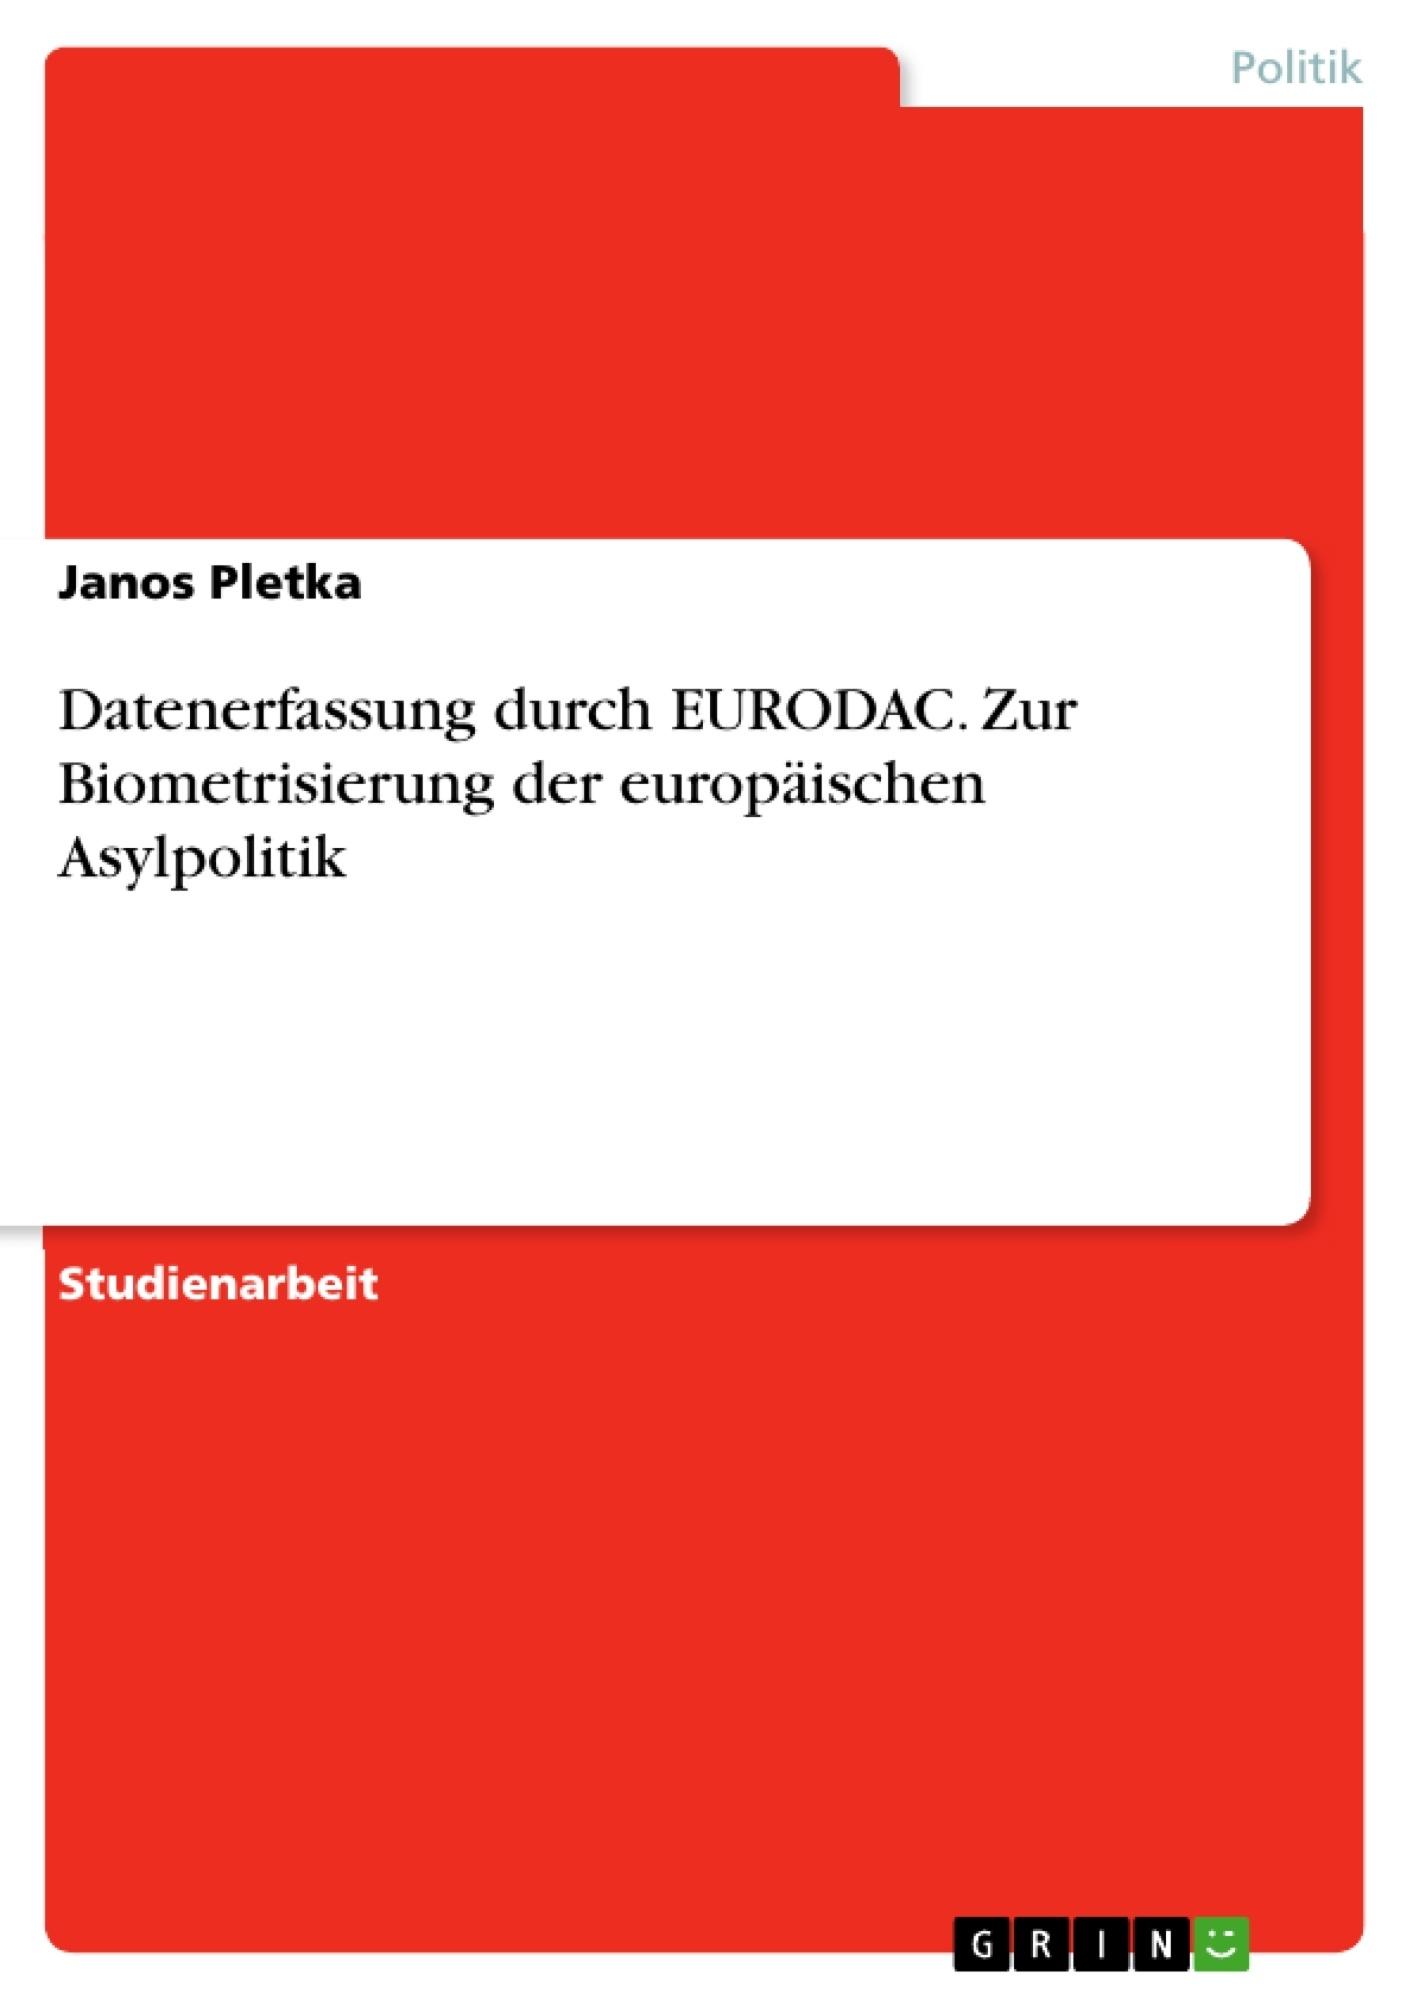 Titel: Datenerfassung durch EURODAC. Zur Biometrisierung der europäischen Asylpolitik